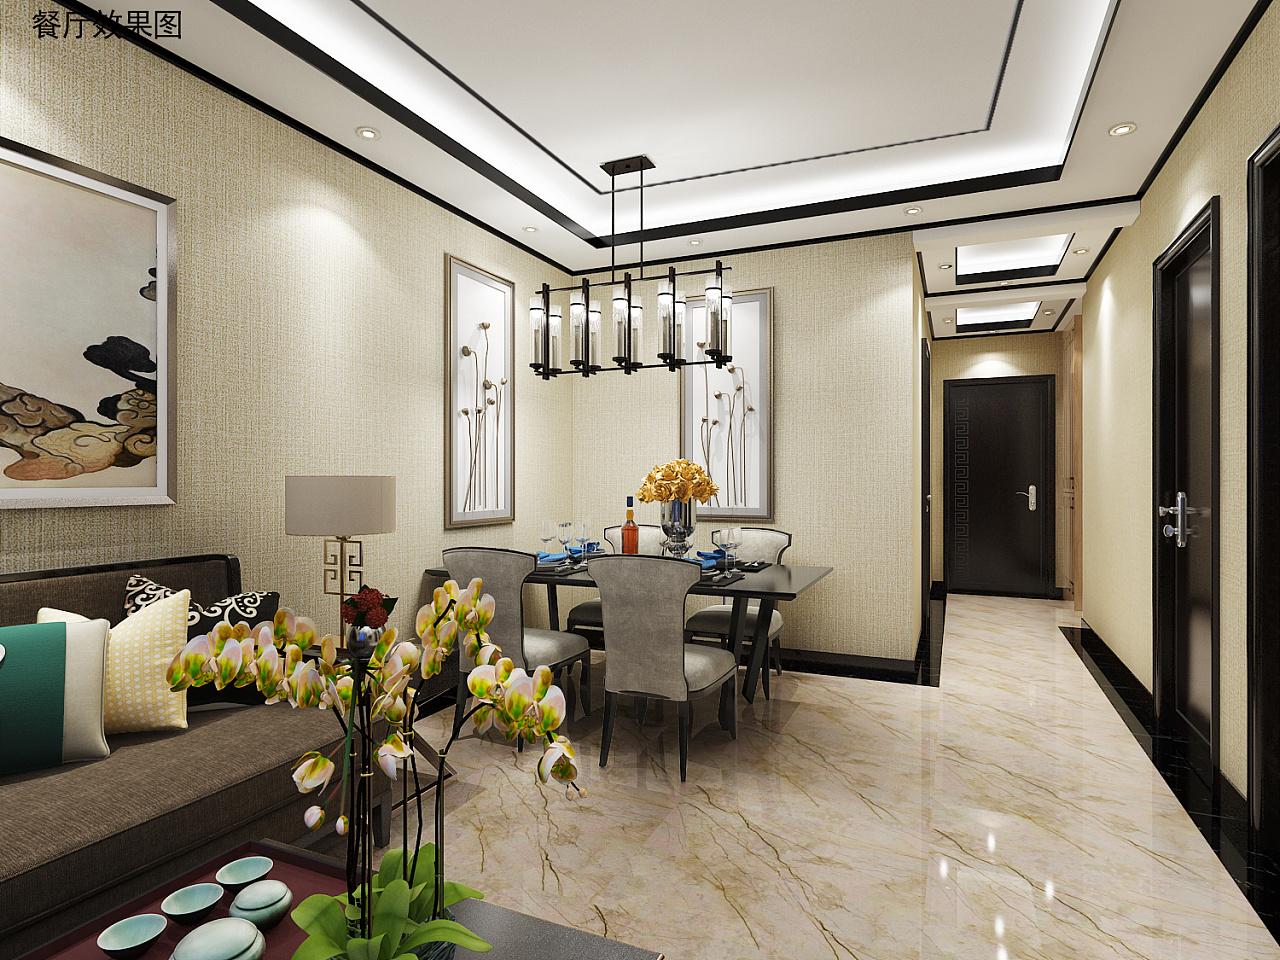 新中式家装|空间|室内设计|氿木设计工作室 - 原创